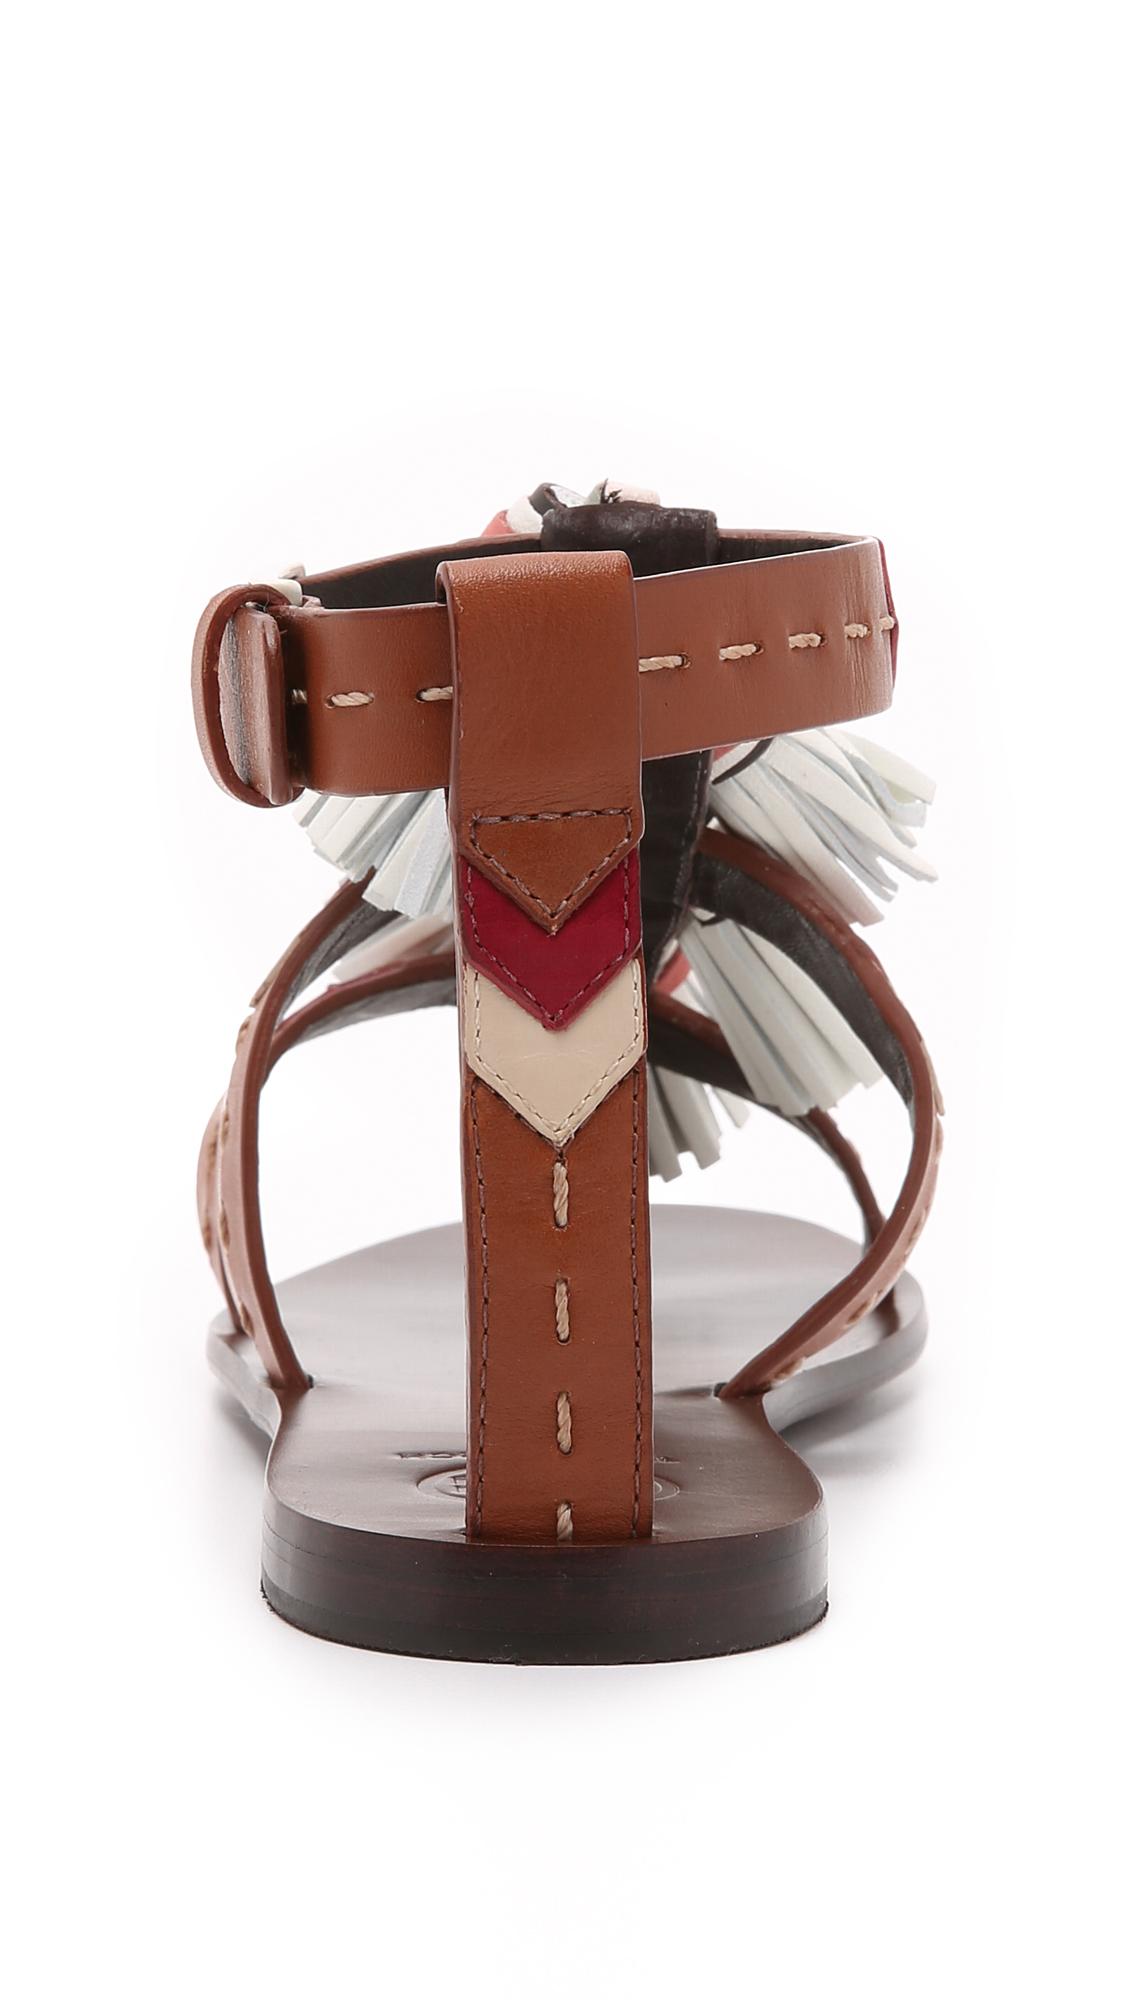 5665525723d27 Tory Burch Weaver Tassel Sandals